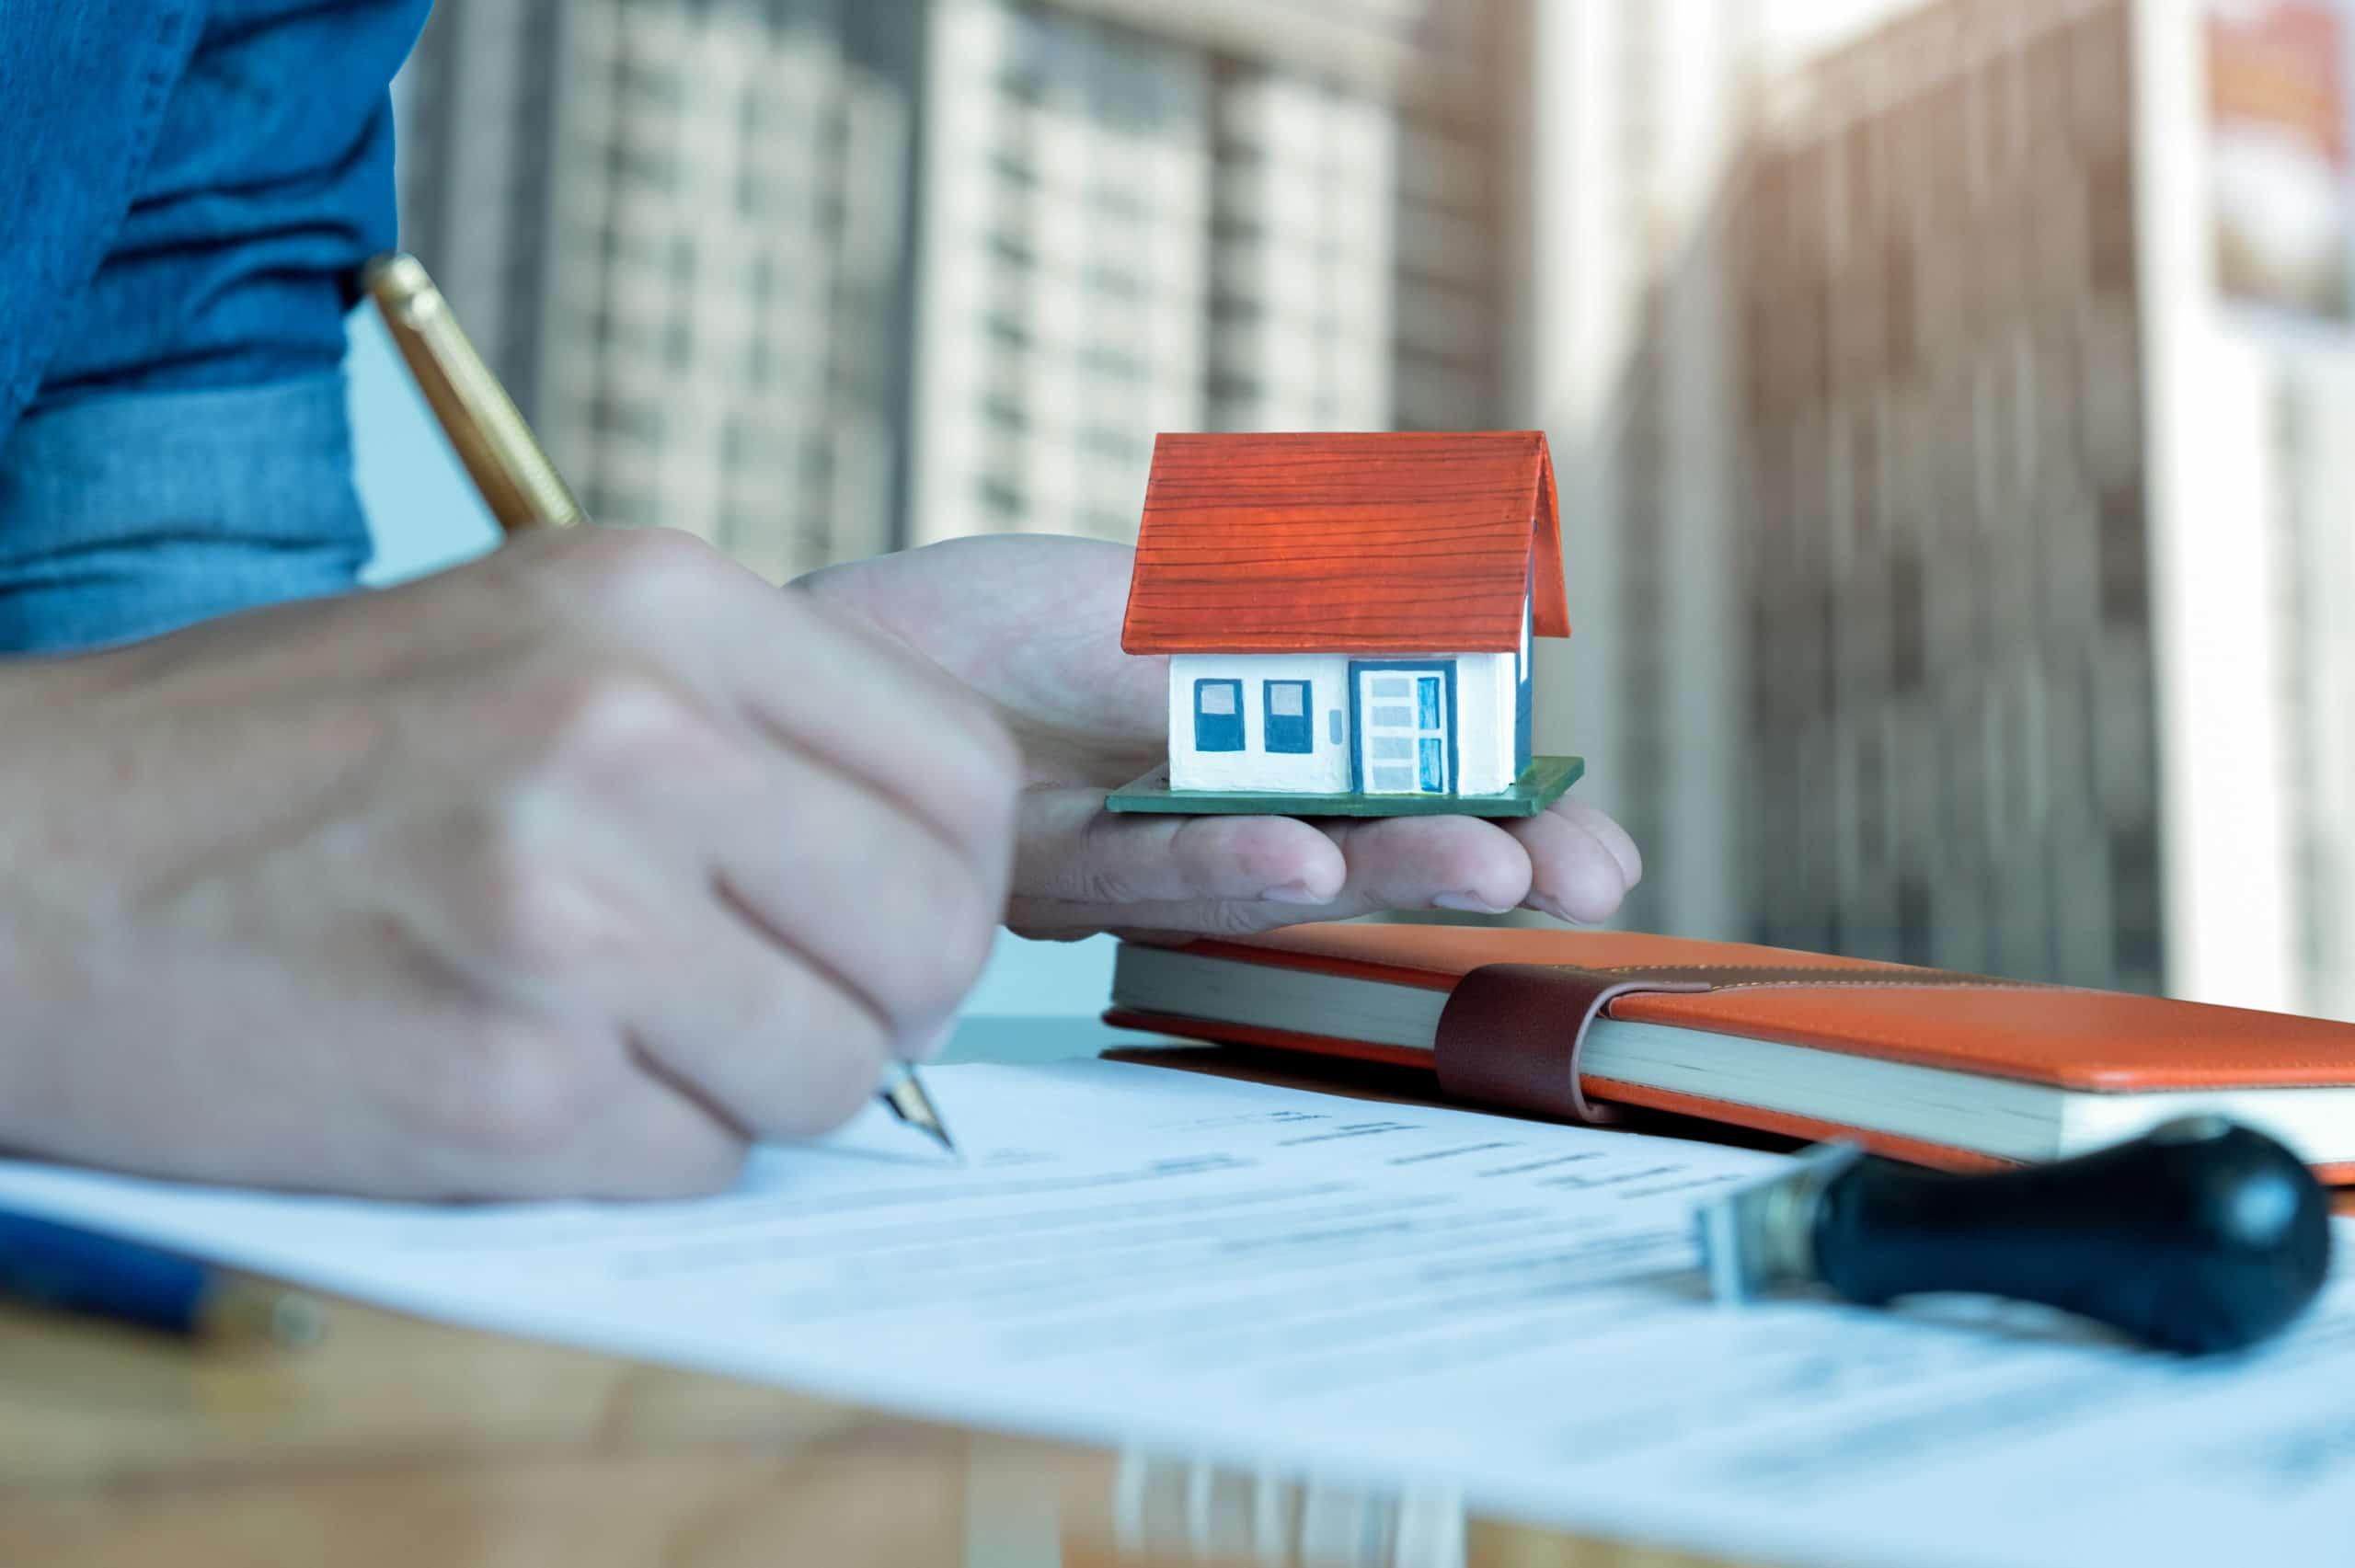 Direito imobiliário: entenda mais sobre a área